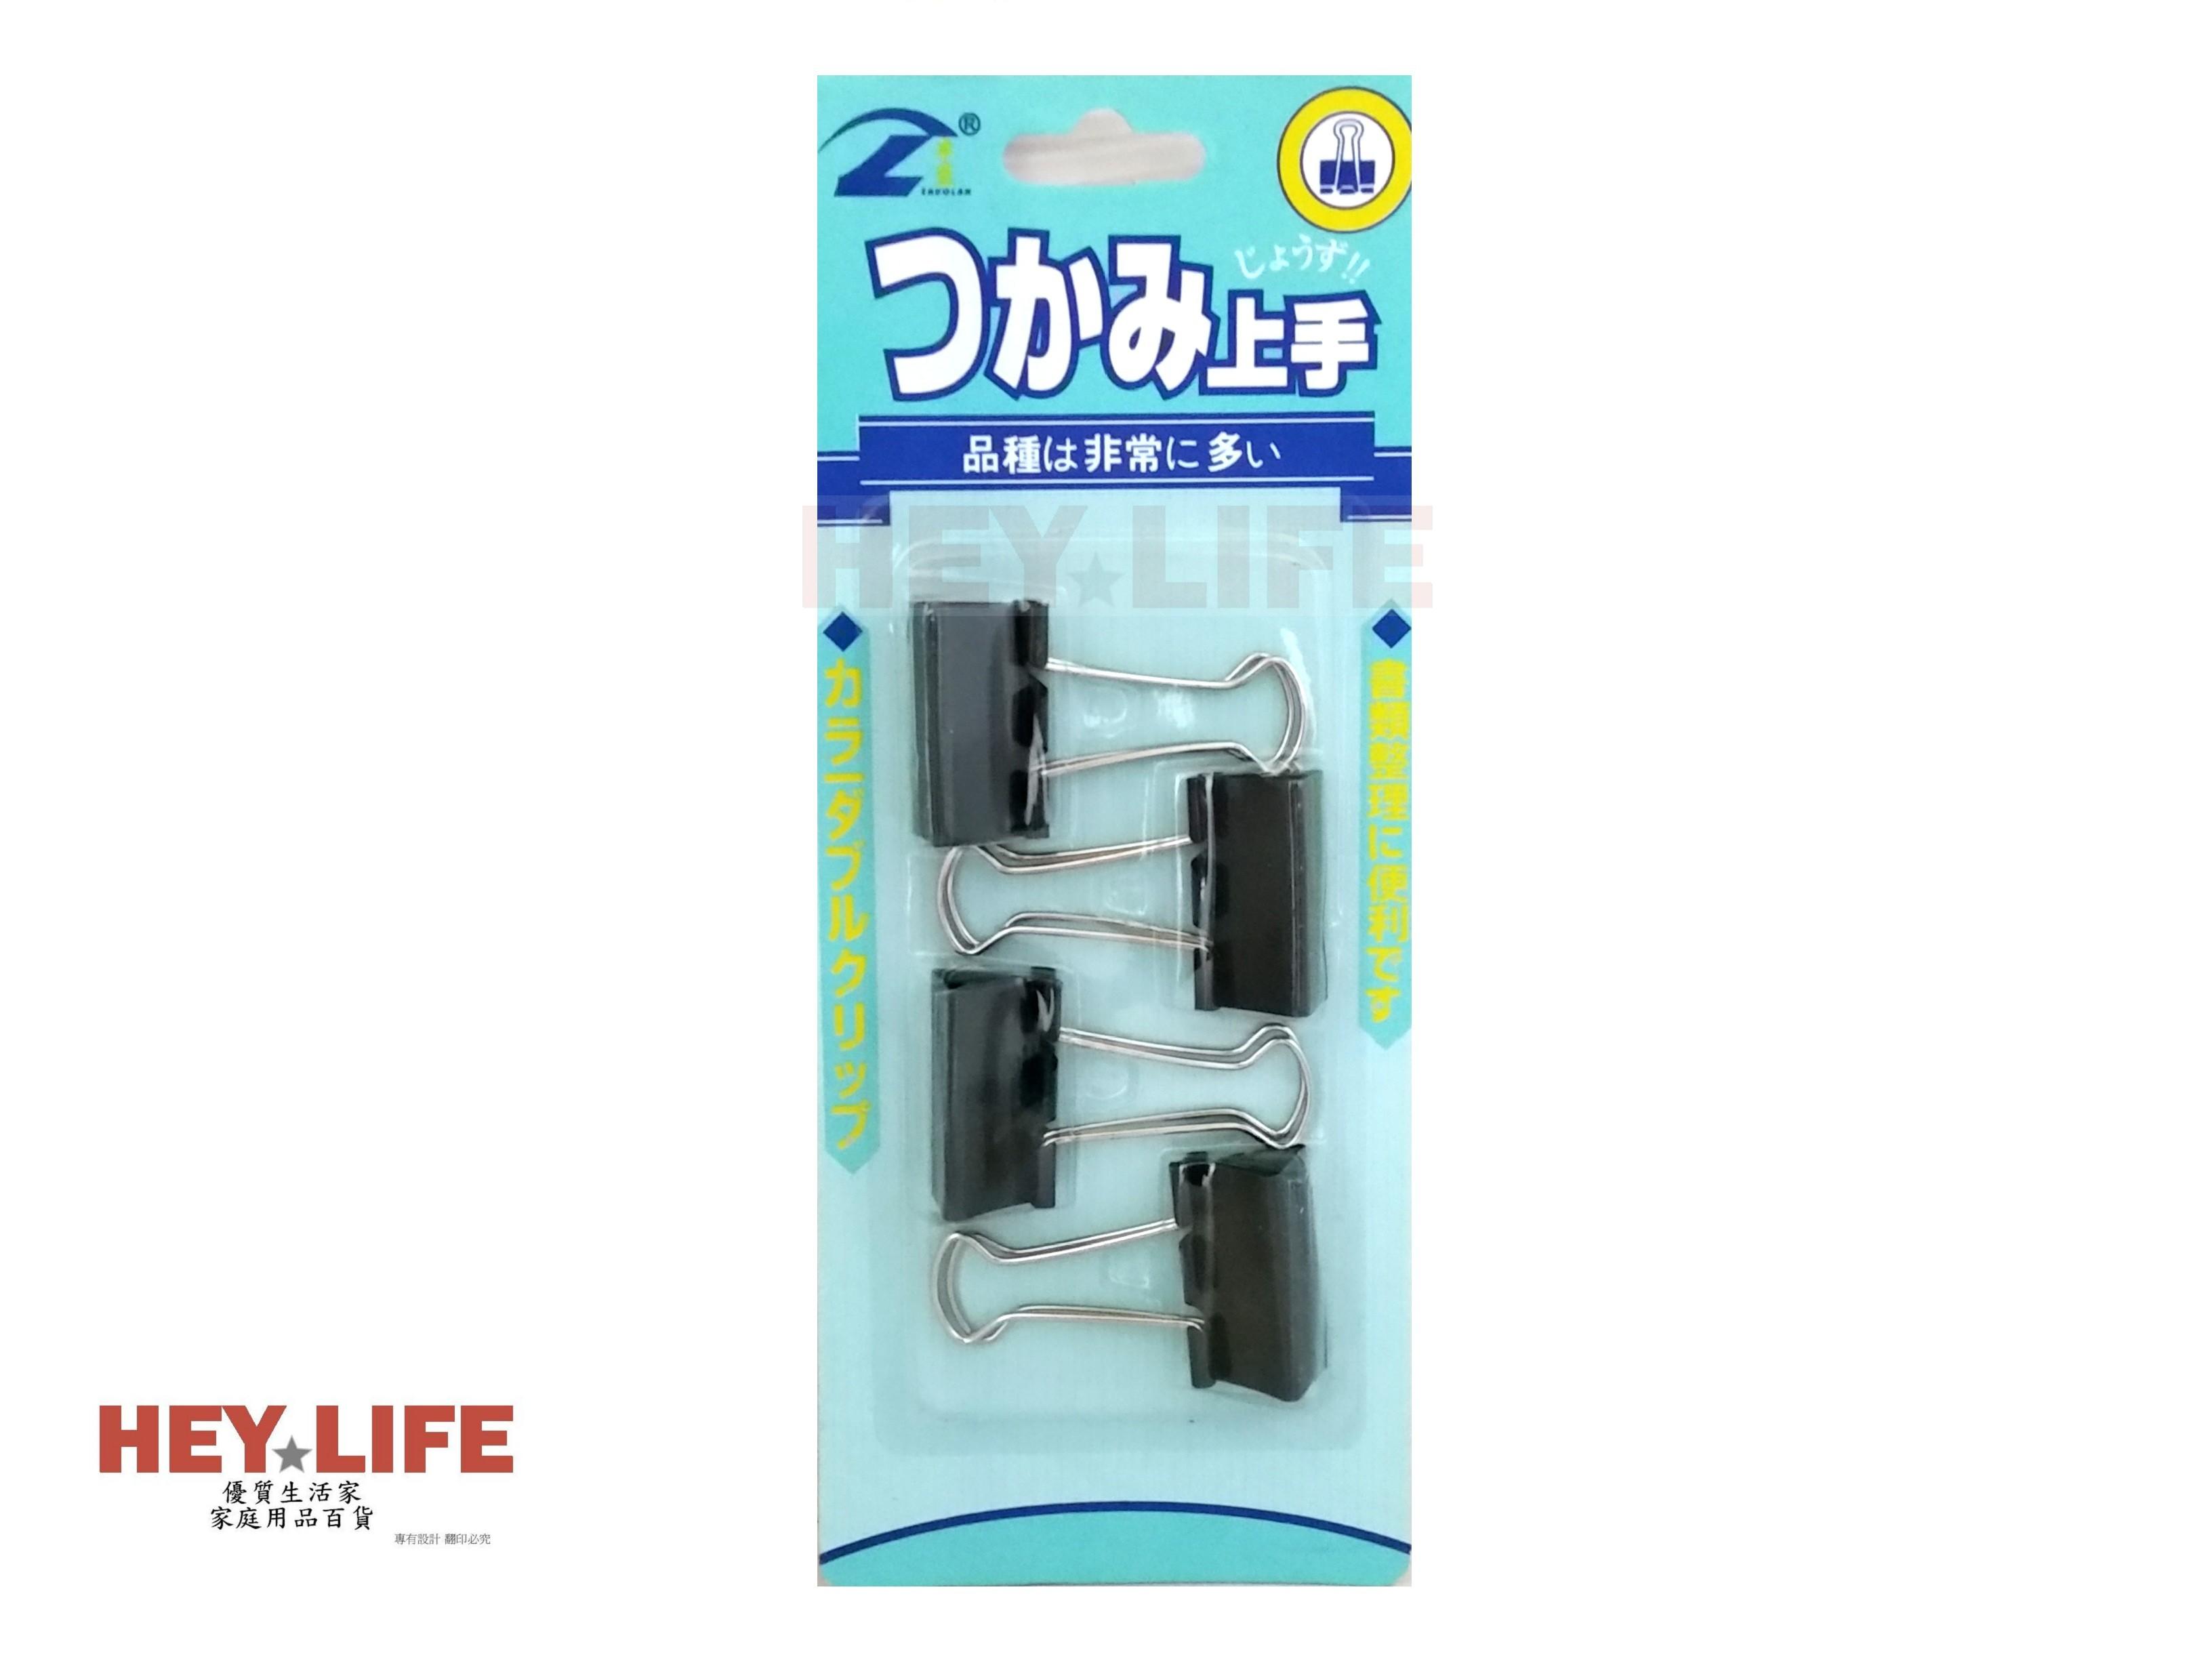 【HEYLIFE優質生活家】長尾夾(黑色)4入 24mm 文具夾 夾 優質嚴選 品質保證